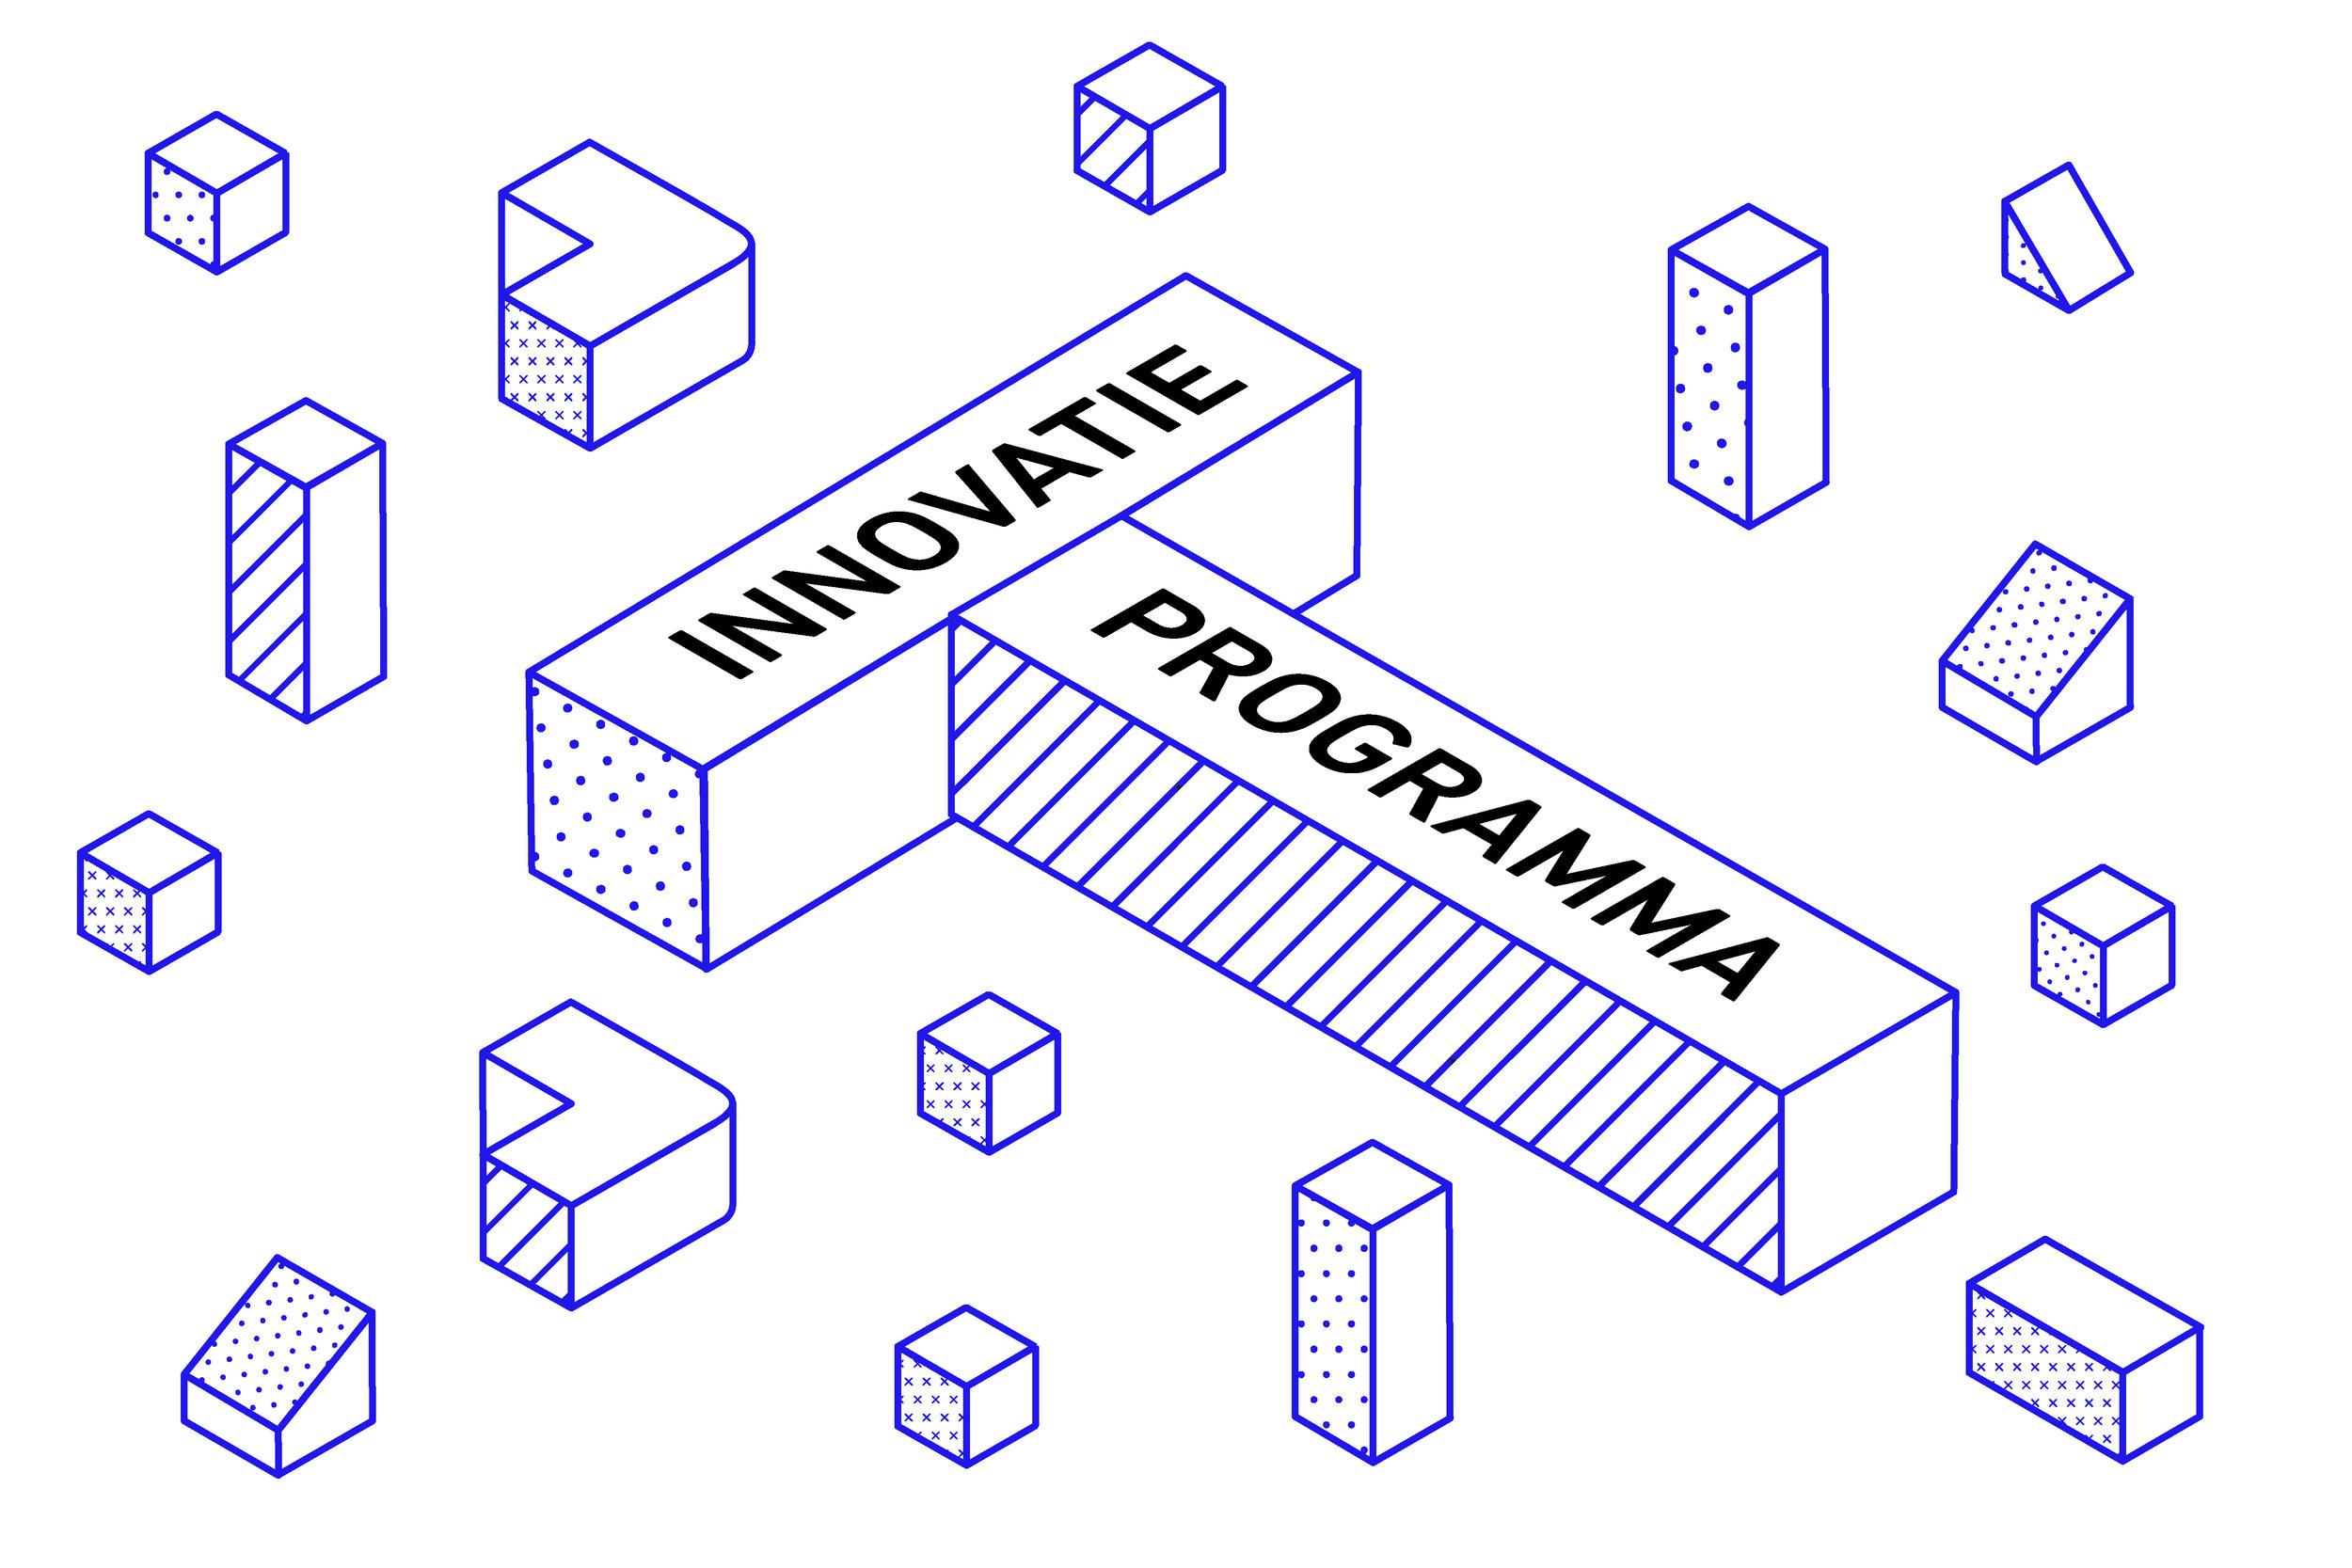 Langdurige samenwerkingInnovatieprogramma - Met het innovatieprogramma van Make Design Work gaan we een langdurige samenwerking aan om jou en je collega's de juiste skills, tools en mindset bij te brengen, zodat je zelfstandig en doeltreffend kan innoveren binnen jouw organisatie en/of team.